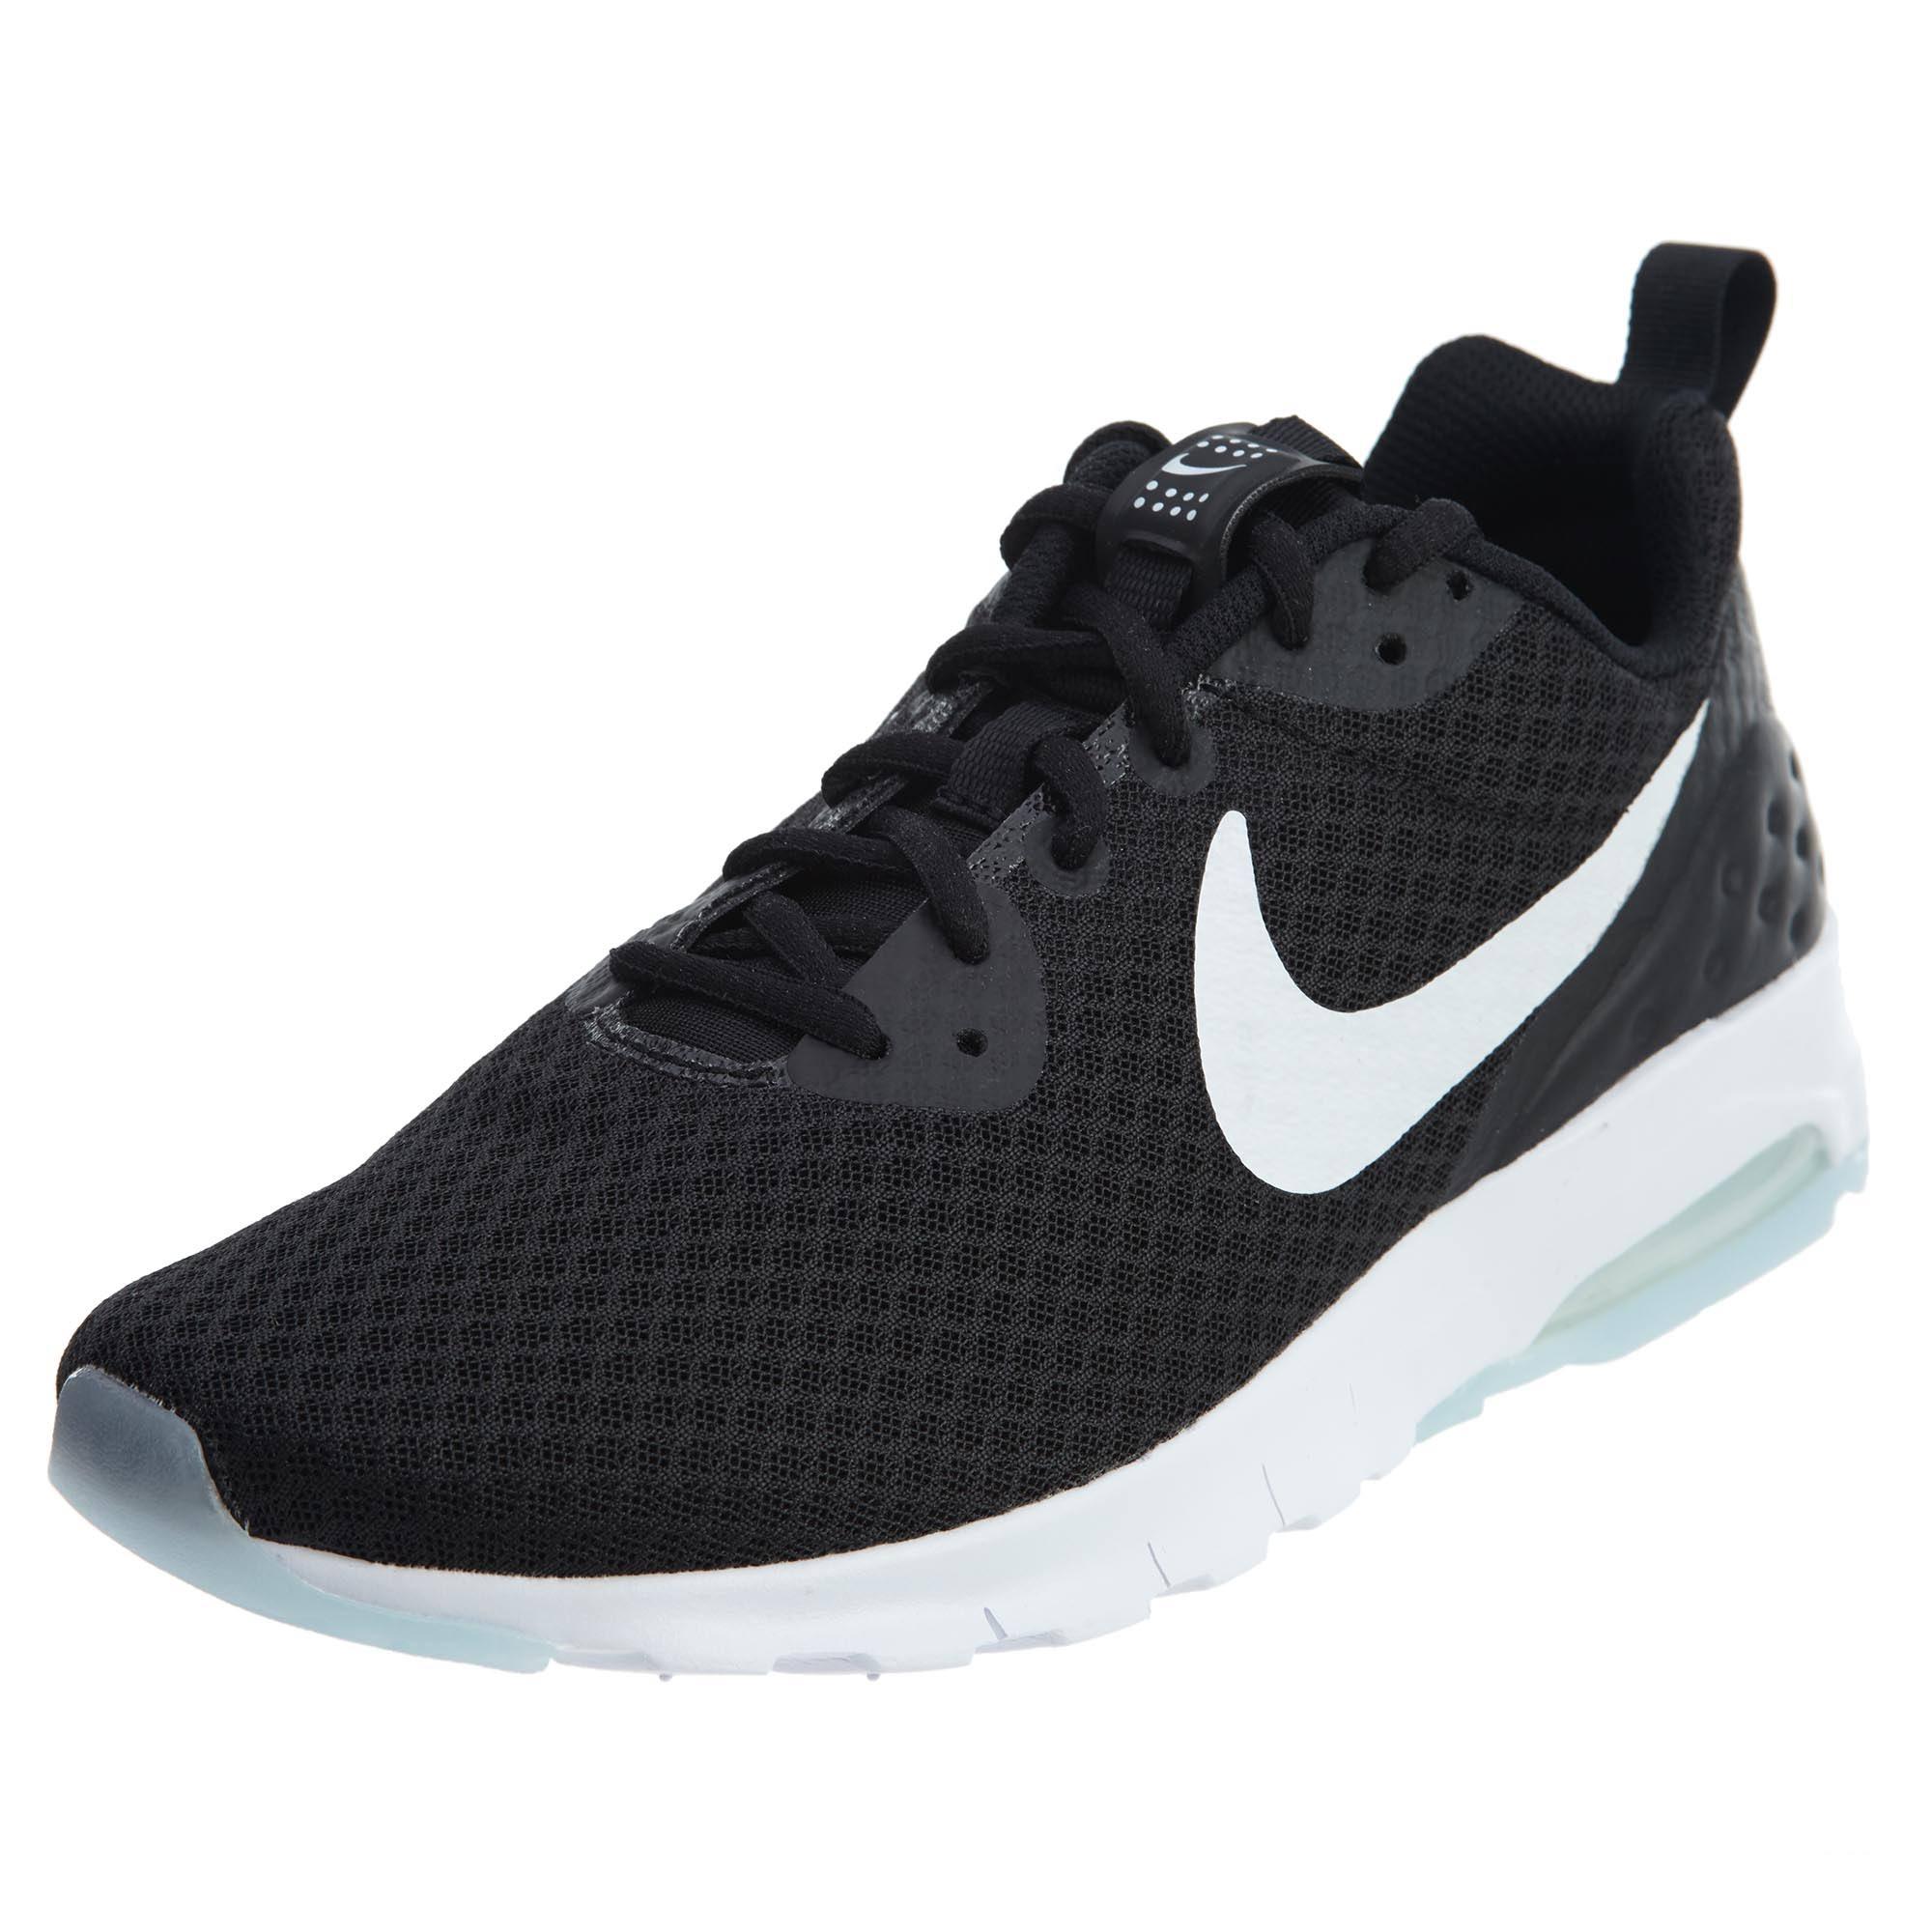 833260 Motion 010 Hombre Air Estilo Lw Para Max Nike 70qwxHa7